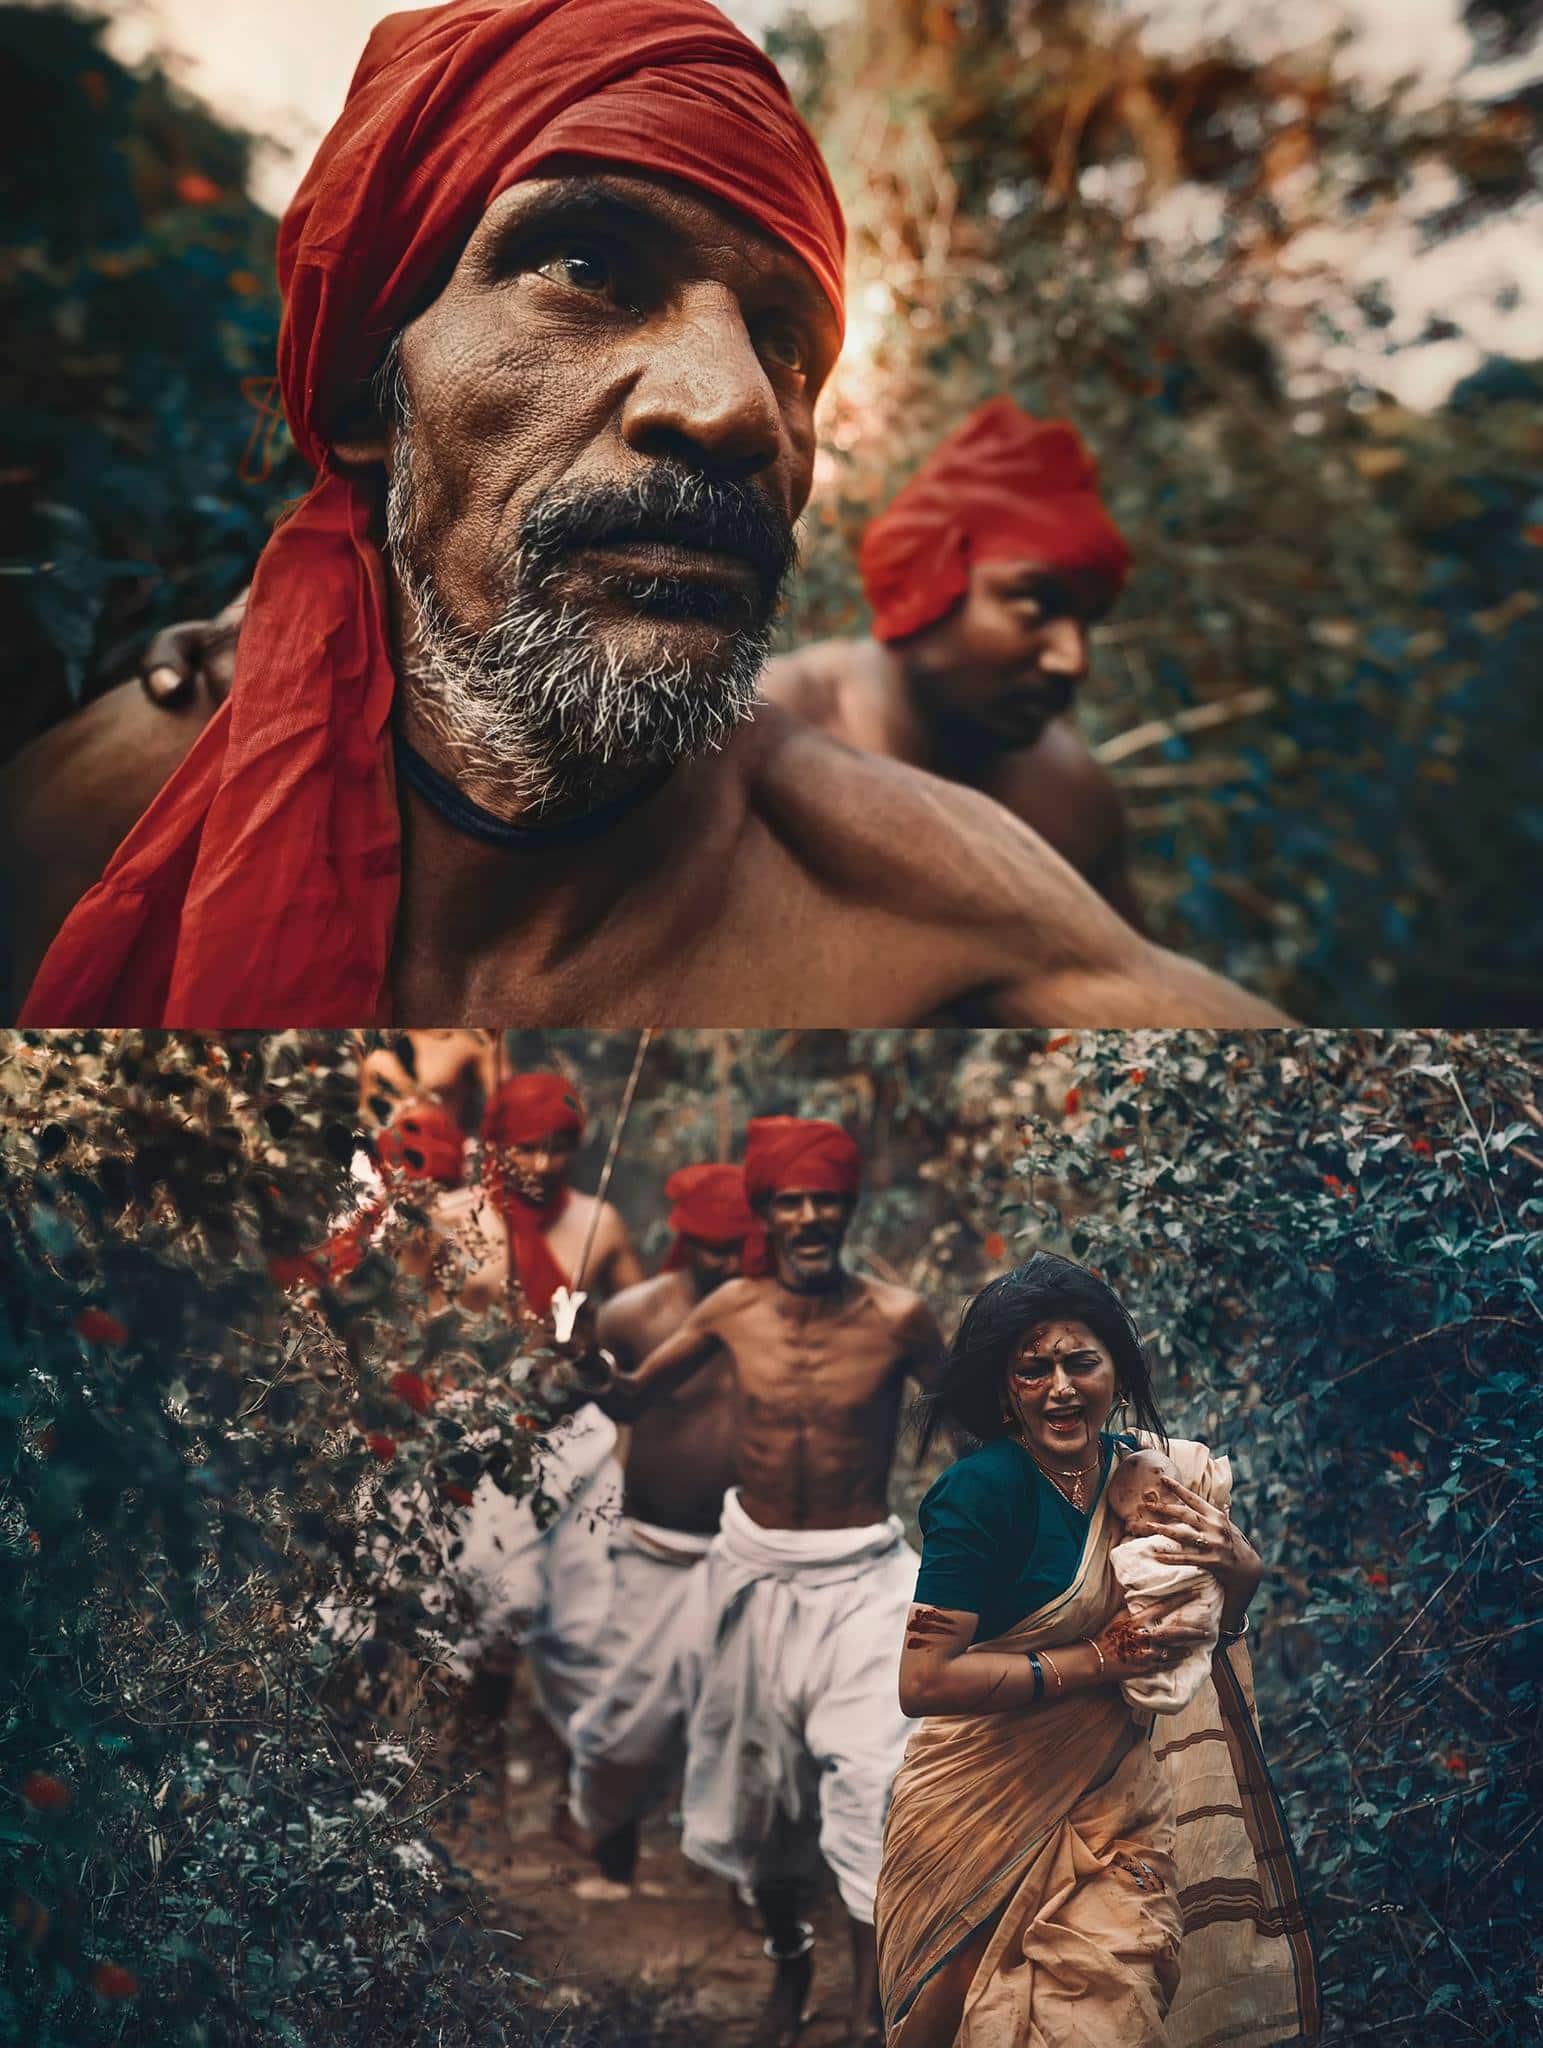 An-Award-winning-photo-story-Avani-By-Arjun-Kamath-42